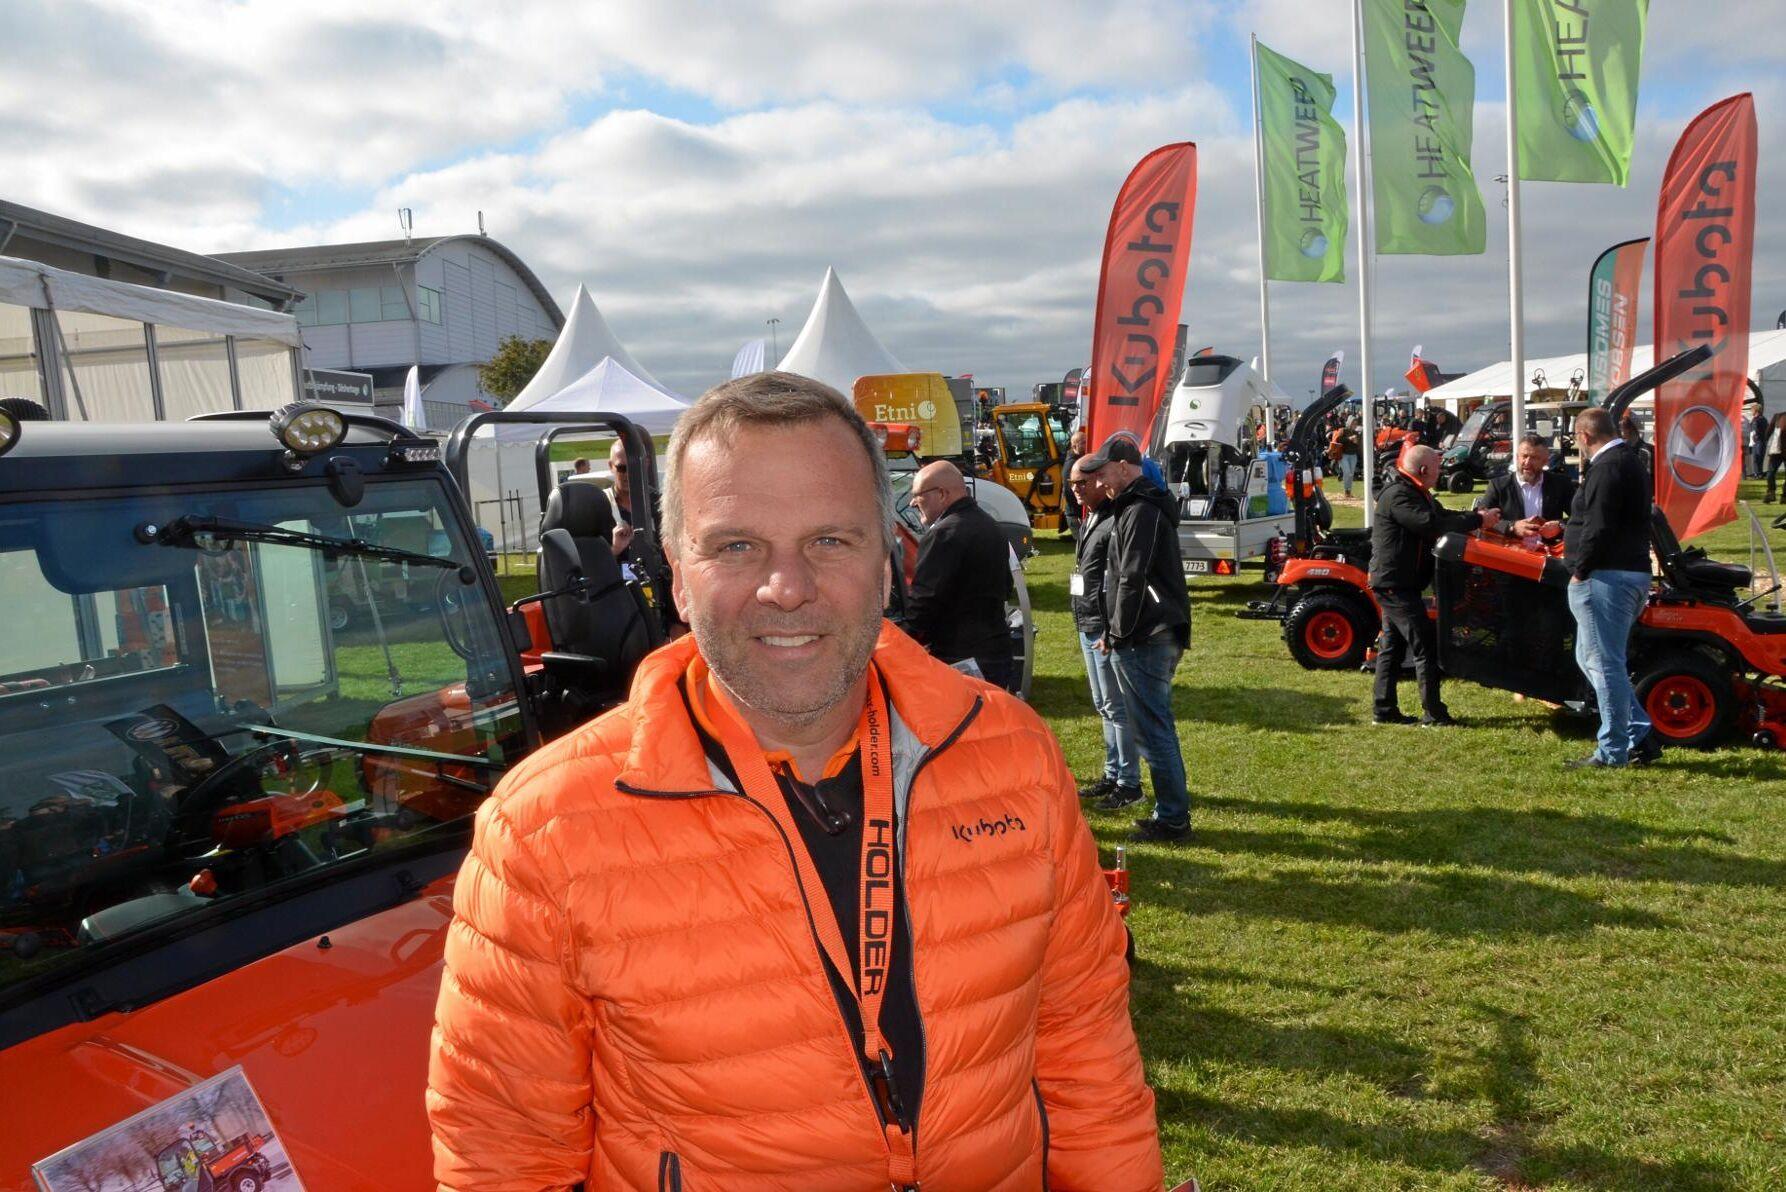 Marknaden är långt ifrån i fas än och många tvingas kompromissa i sitt val av maskiner när man måste nå sina klimatmål, menar Mats Axelsson vid Svenningsen Maskin AB.